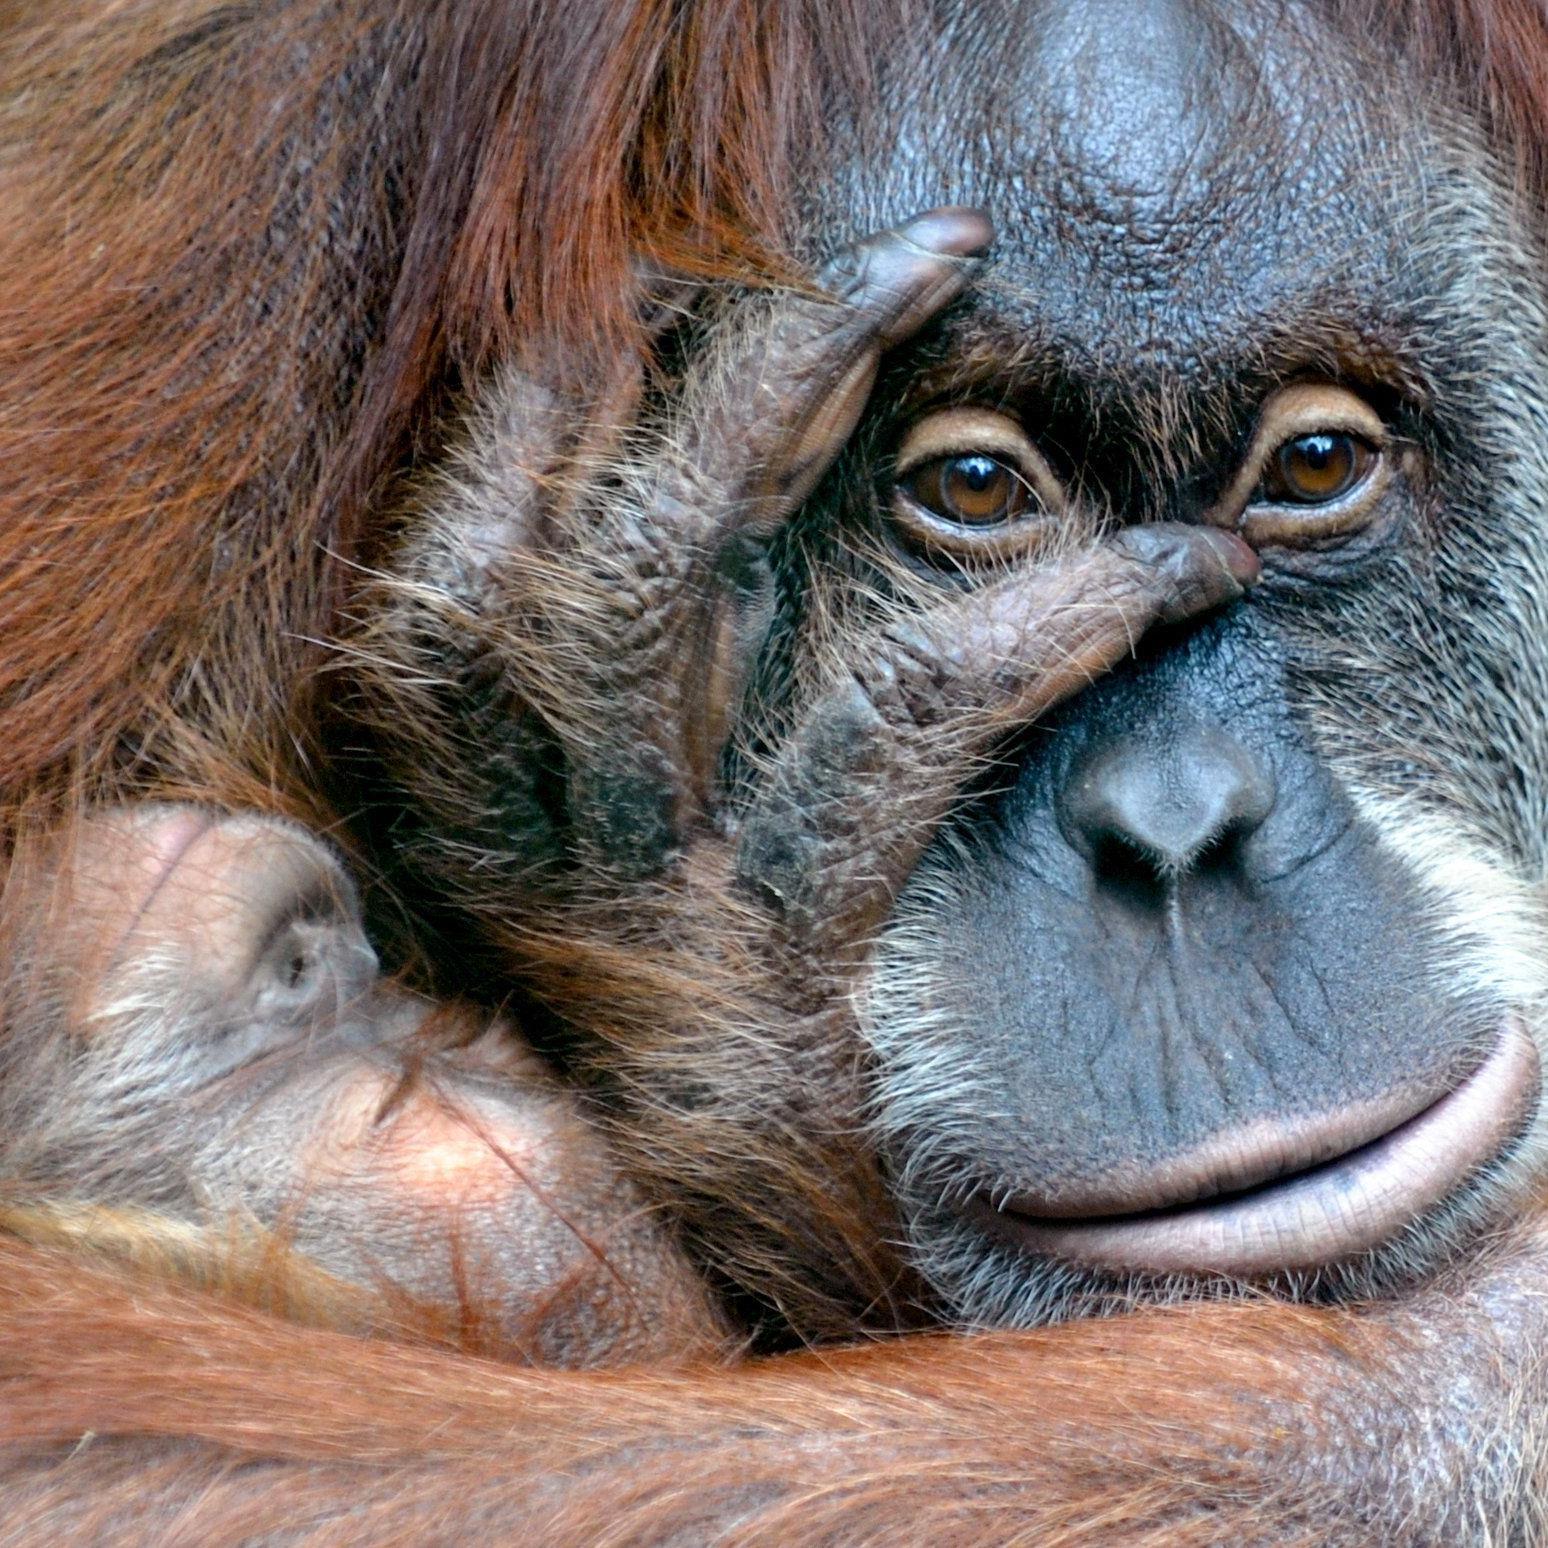 Mit Hilfe der britischen Orangutan Foundation seien die Kugeln entfernt worden, inzwischen gehe es dem Affen besser.